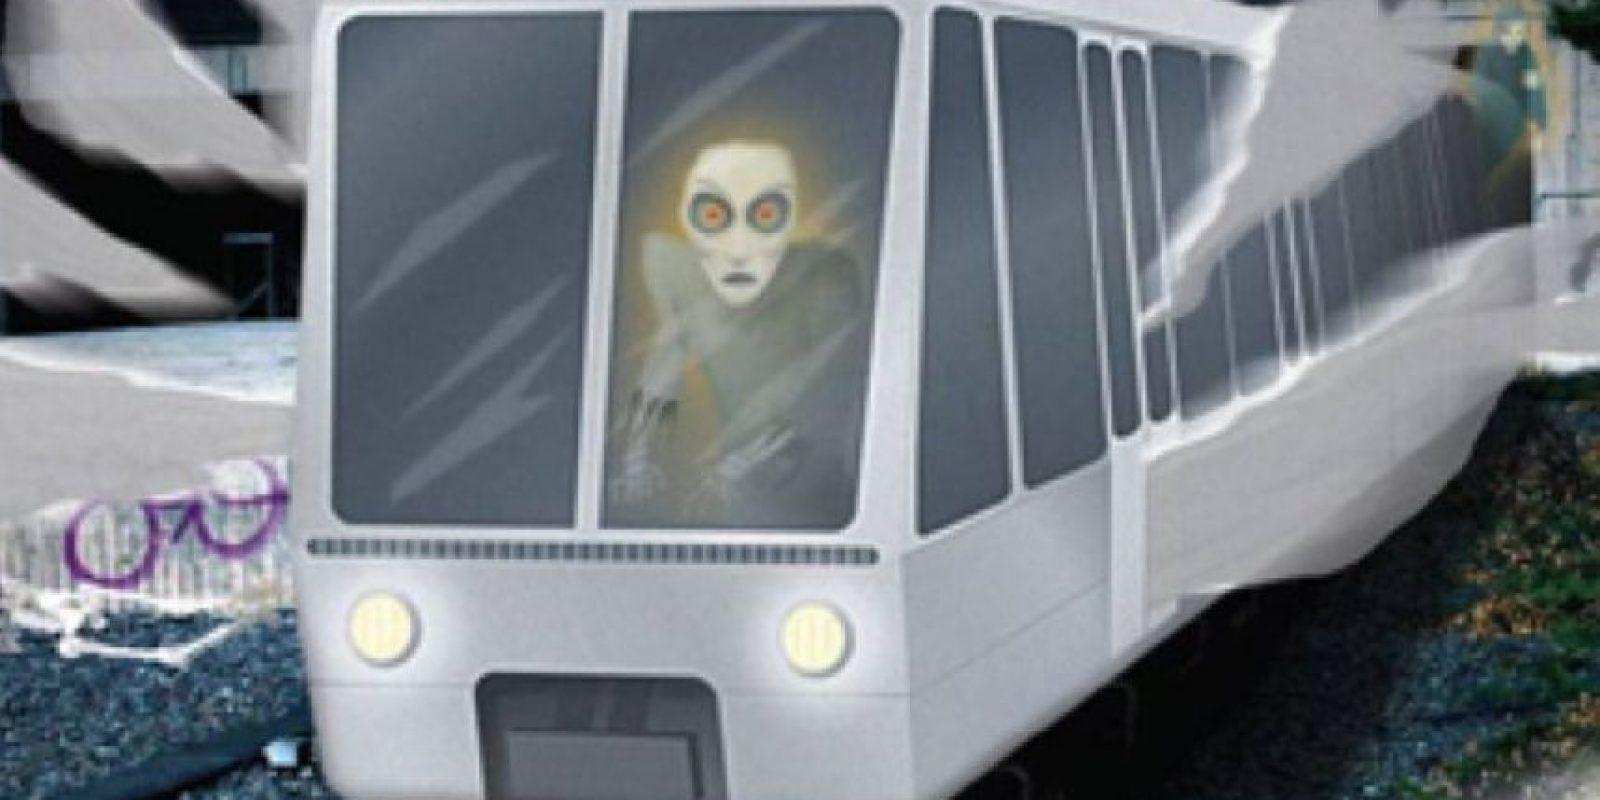 El pasajero fantasma del Metro: una mujer se sube a un vagón del Metro a altas horas de la noche. Hay otras tres personas. Uno de los pasajeros es mujer y mira fijamente a la que se acaba de subir. La mira de forma extraña. Entonces, otro de los pasajeros le dice a la aludida que se baje con él si quiere vivir. Esta lo hace. Quien le ha aconsejado, le dice que la mujer que estaba mirándola así estaba muerta. Foto:vía Wikia